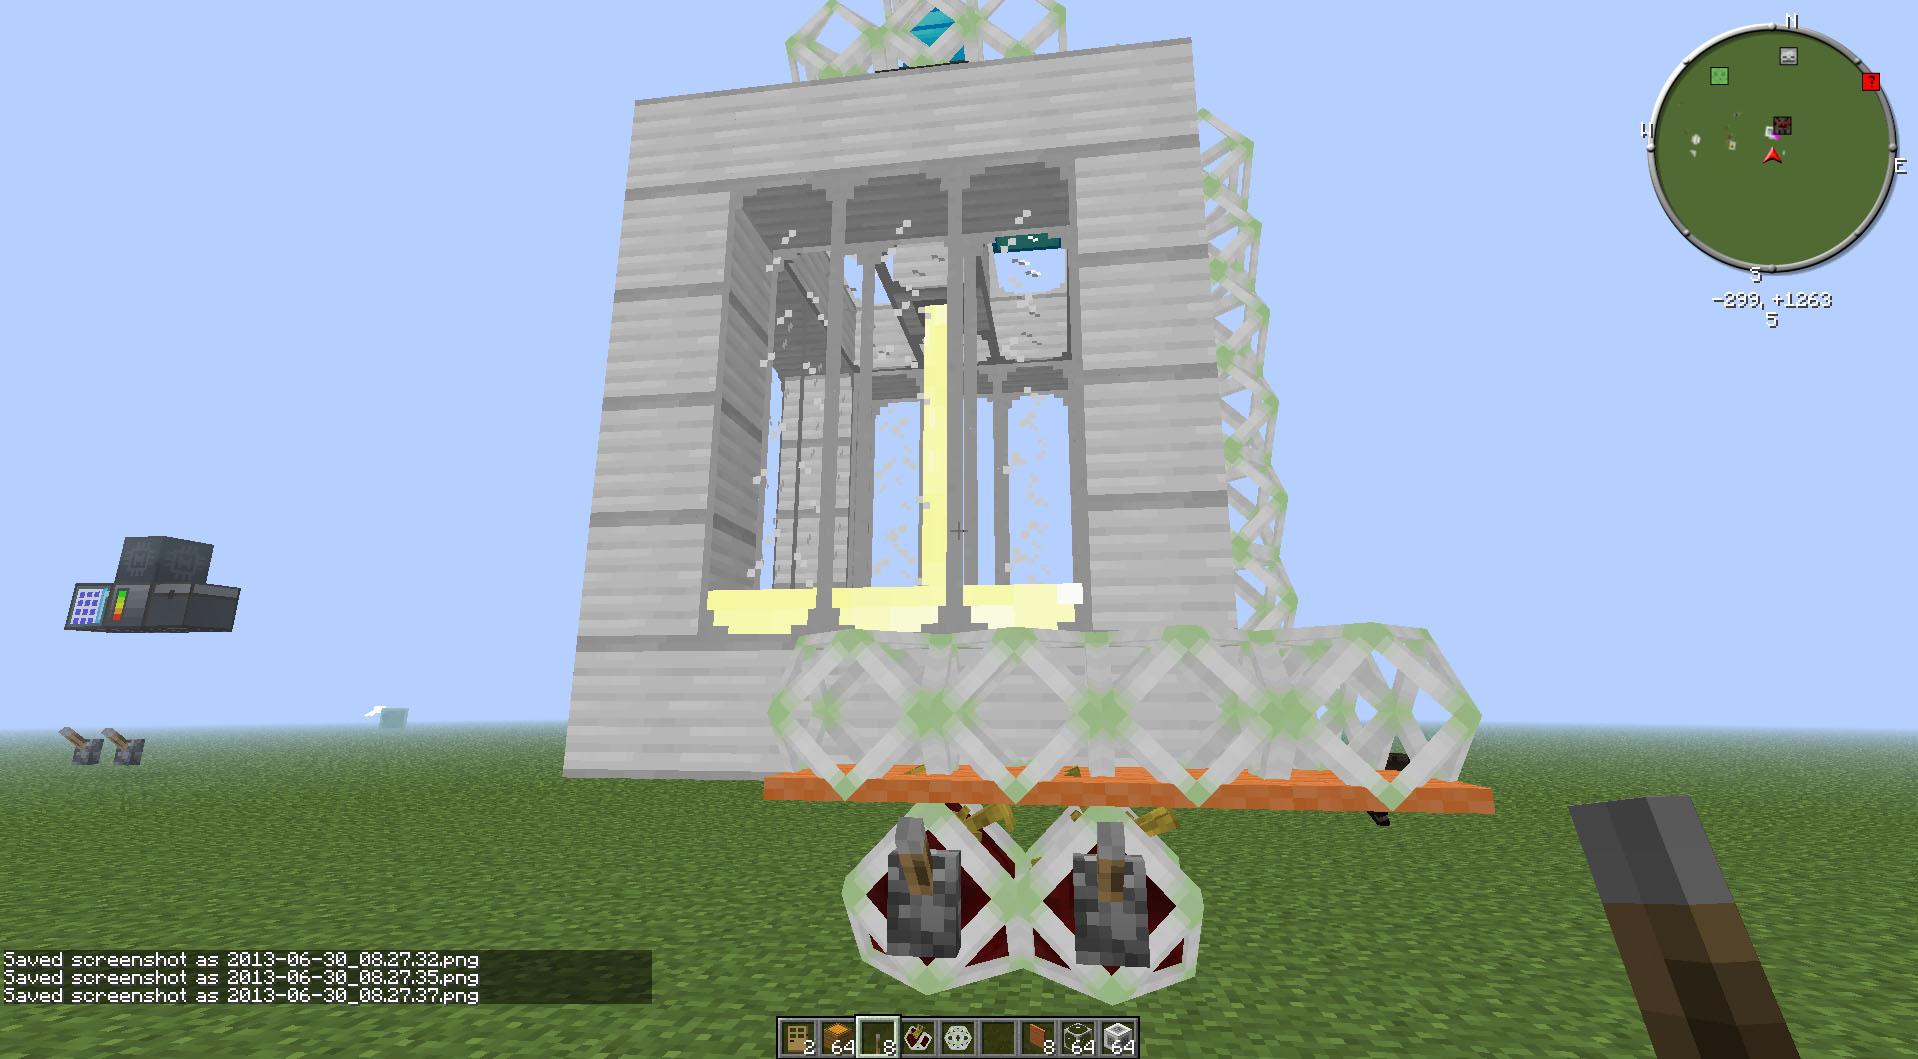 http://minecraft-forum.net/wp-content/uploads/2013/08/32718__Truss-Mod-2.jpg